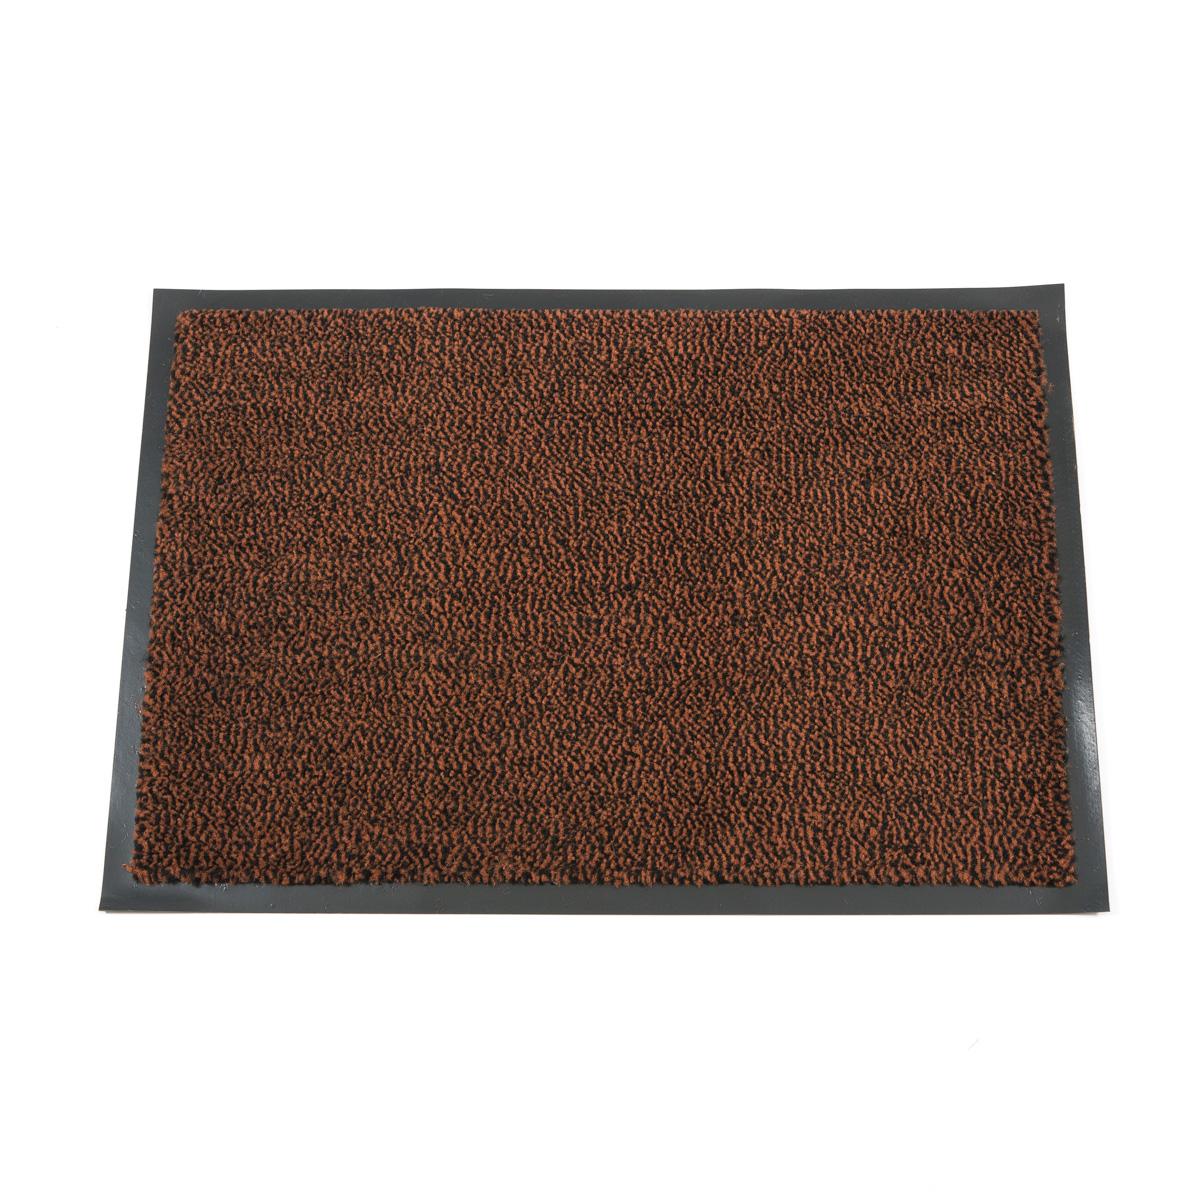 Ковры и ковровые дорожки SunStep Коврик Professional Цвет: Коричневый (60х90 см) коврик домашний sunstep цвет синий 140 х 200 х 4 см